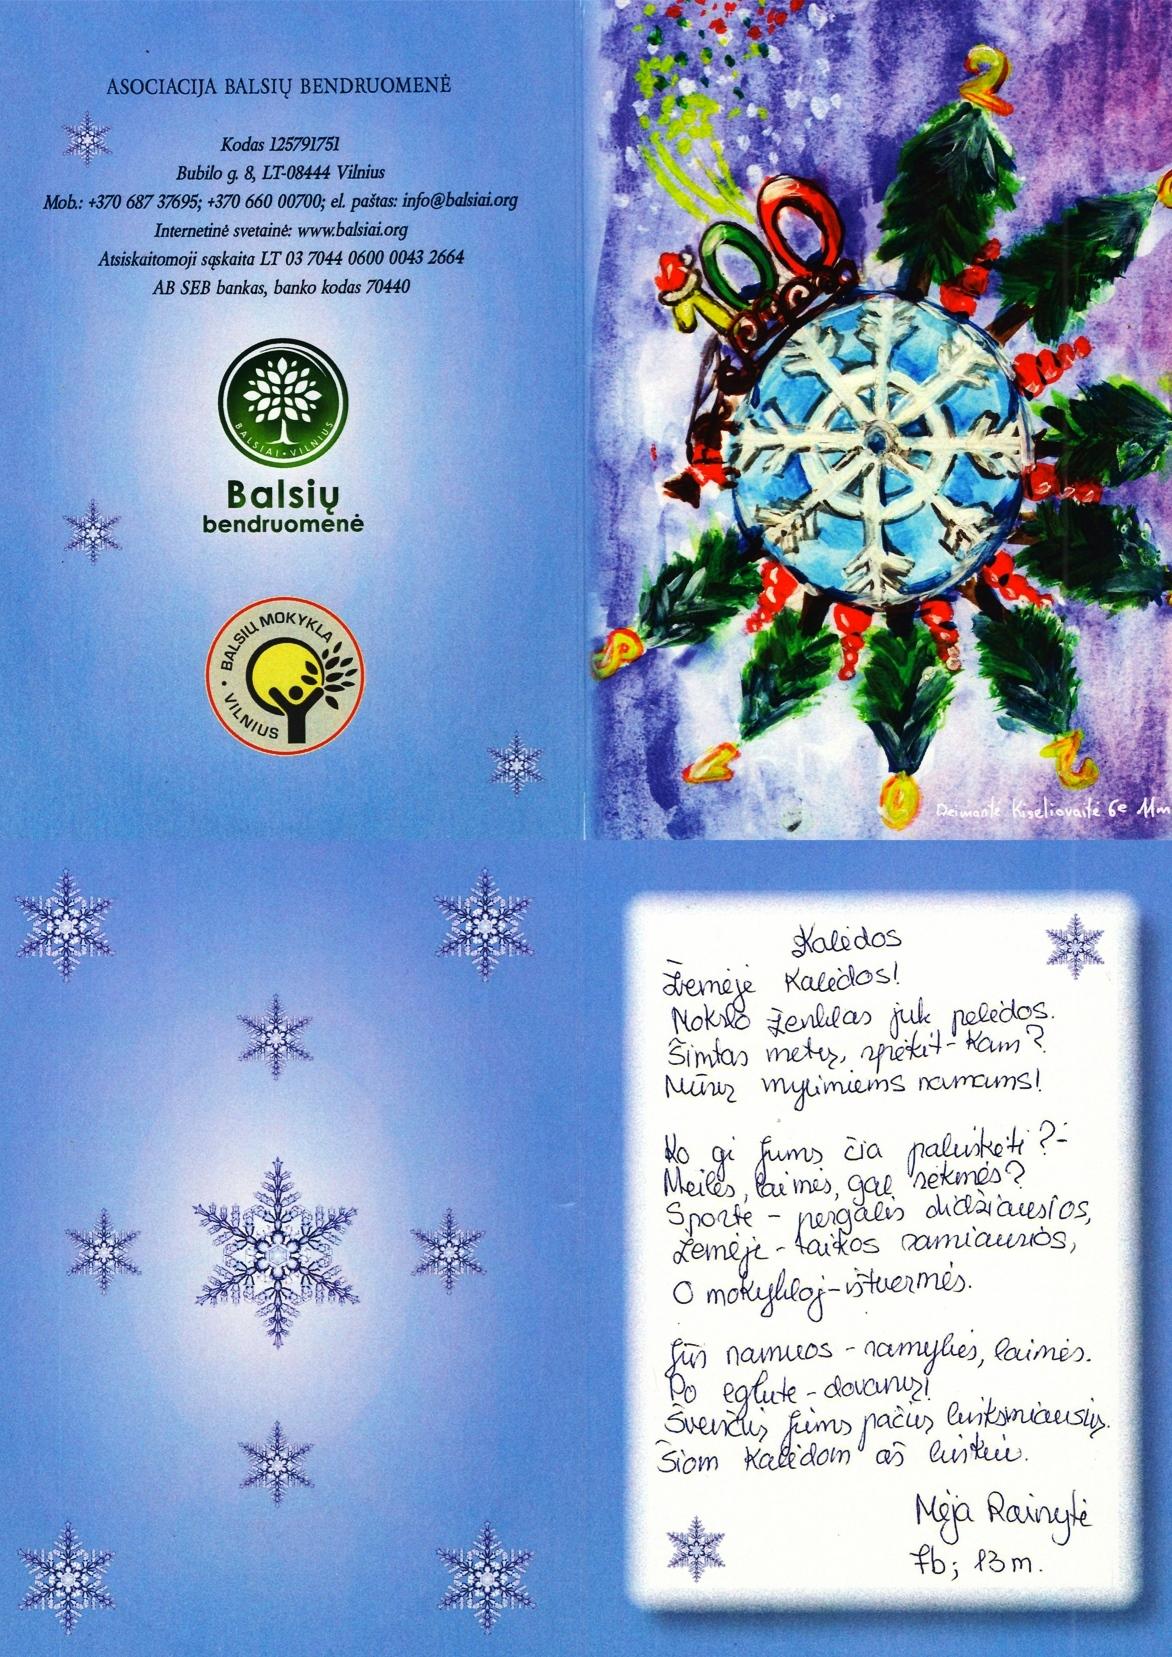 Kalėdinio atviruko piešinio ir linkėjimo (sveikinimo) sukūrimo konkursas Vilniaus Balsių progimnazijos mokiniams